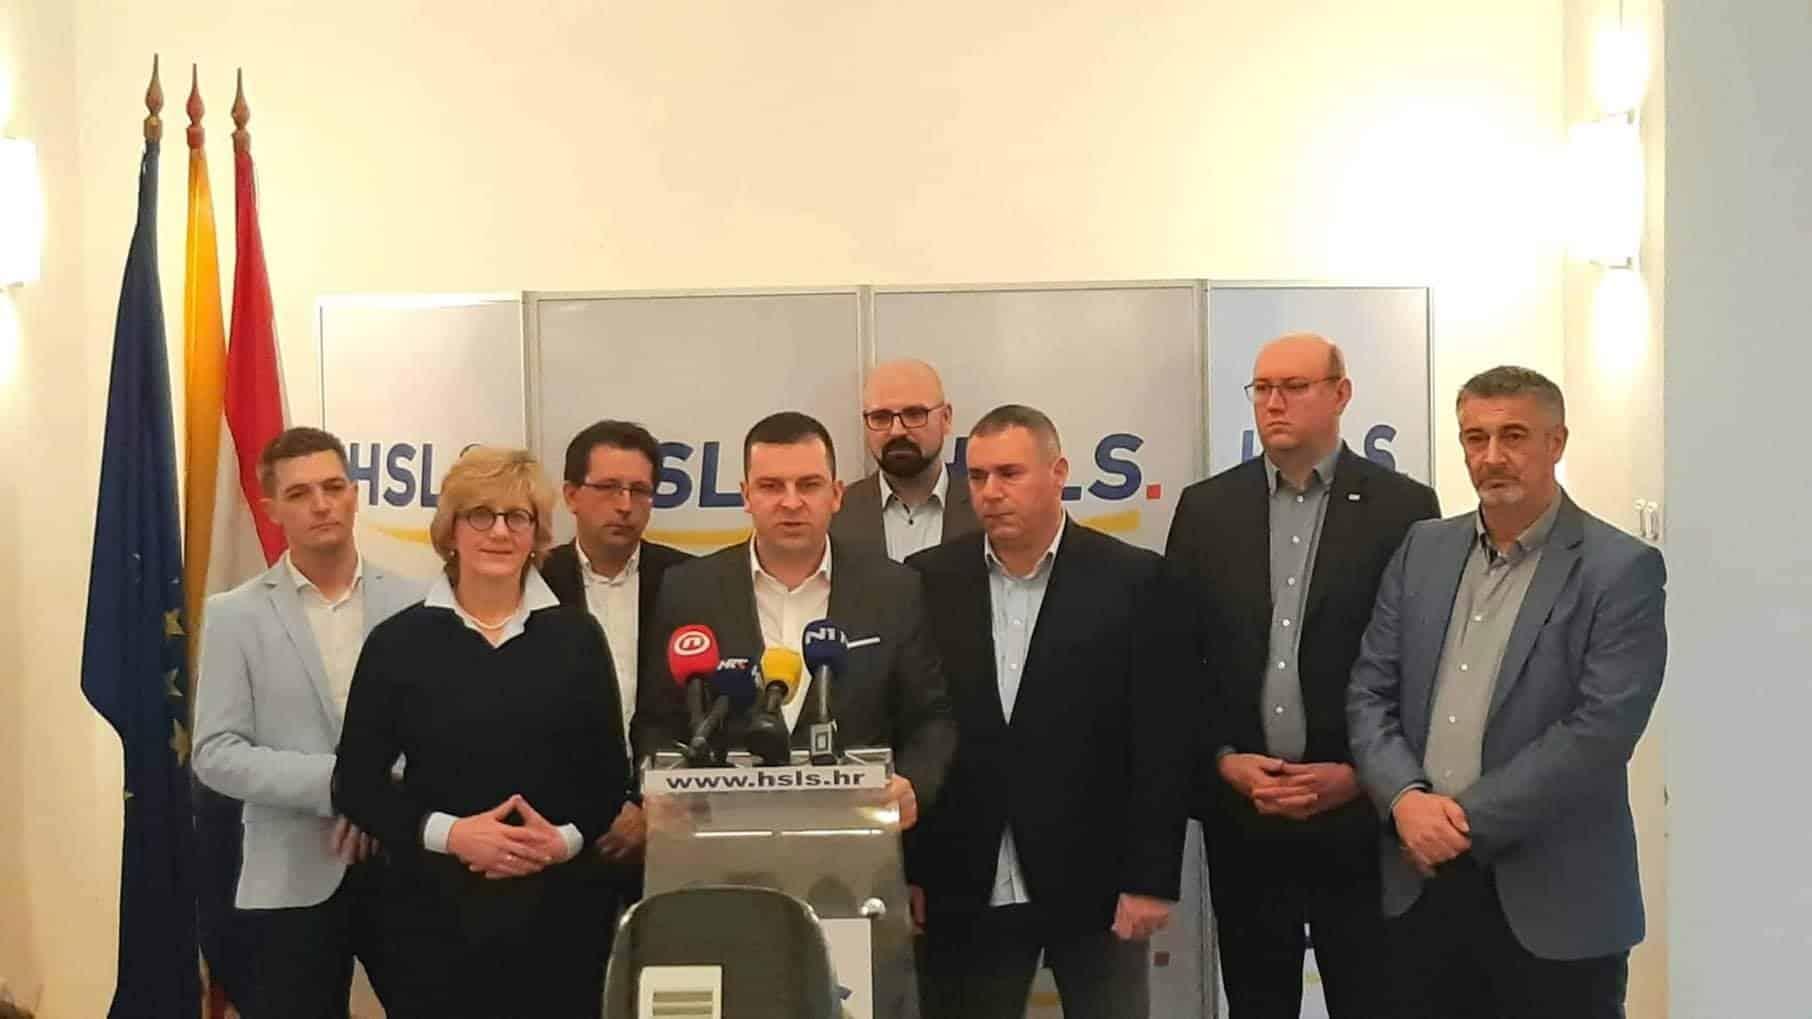 ODLAZAK ČLANOVA Hrebak Žuveli poželio sreću, o suradnji s HDZ-om odlučuje se za vikend